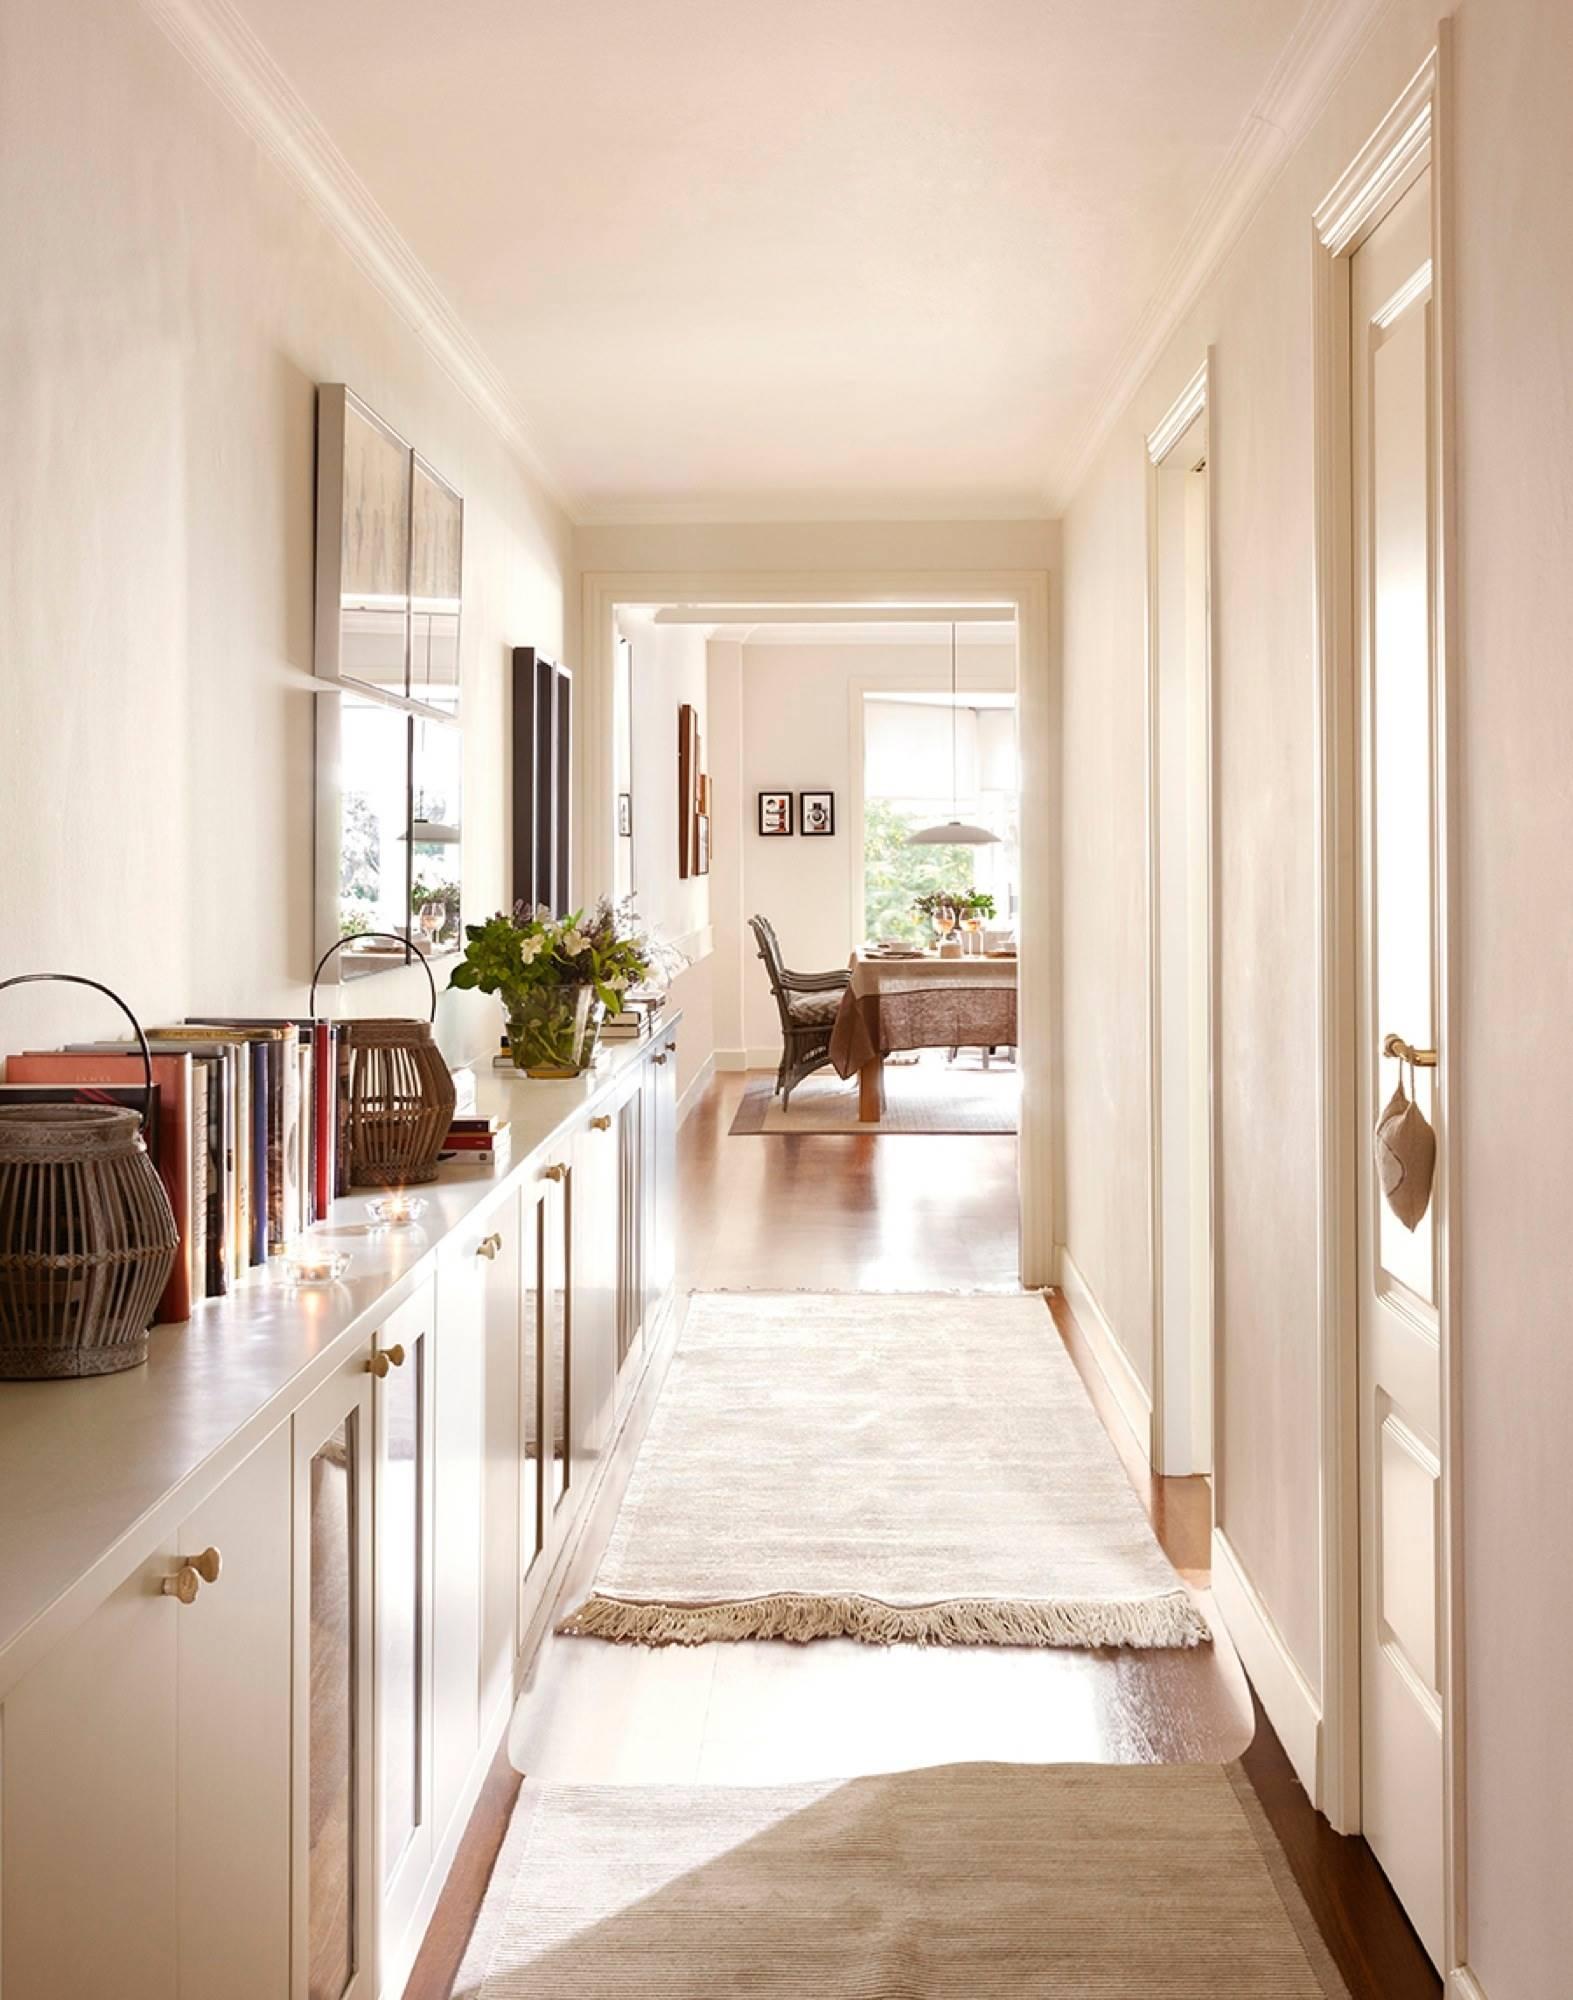 50 ideas para decorar y aprovechar el pasillo - Cuadros para decorar pasillos ...